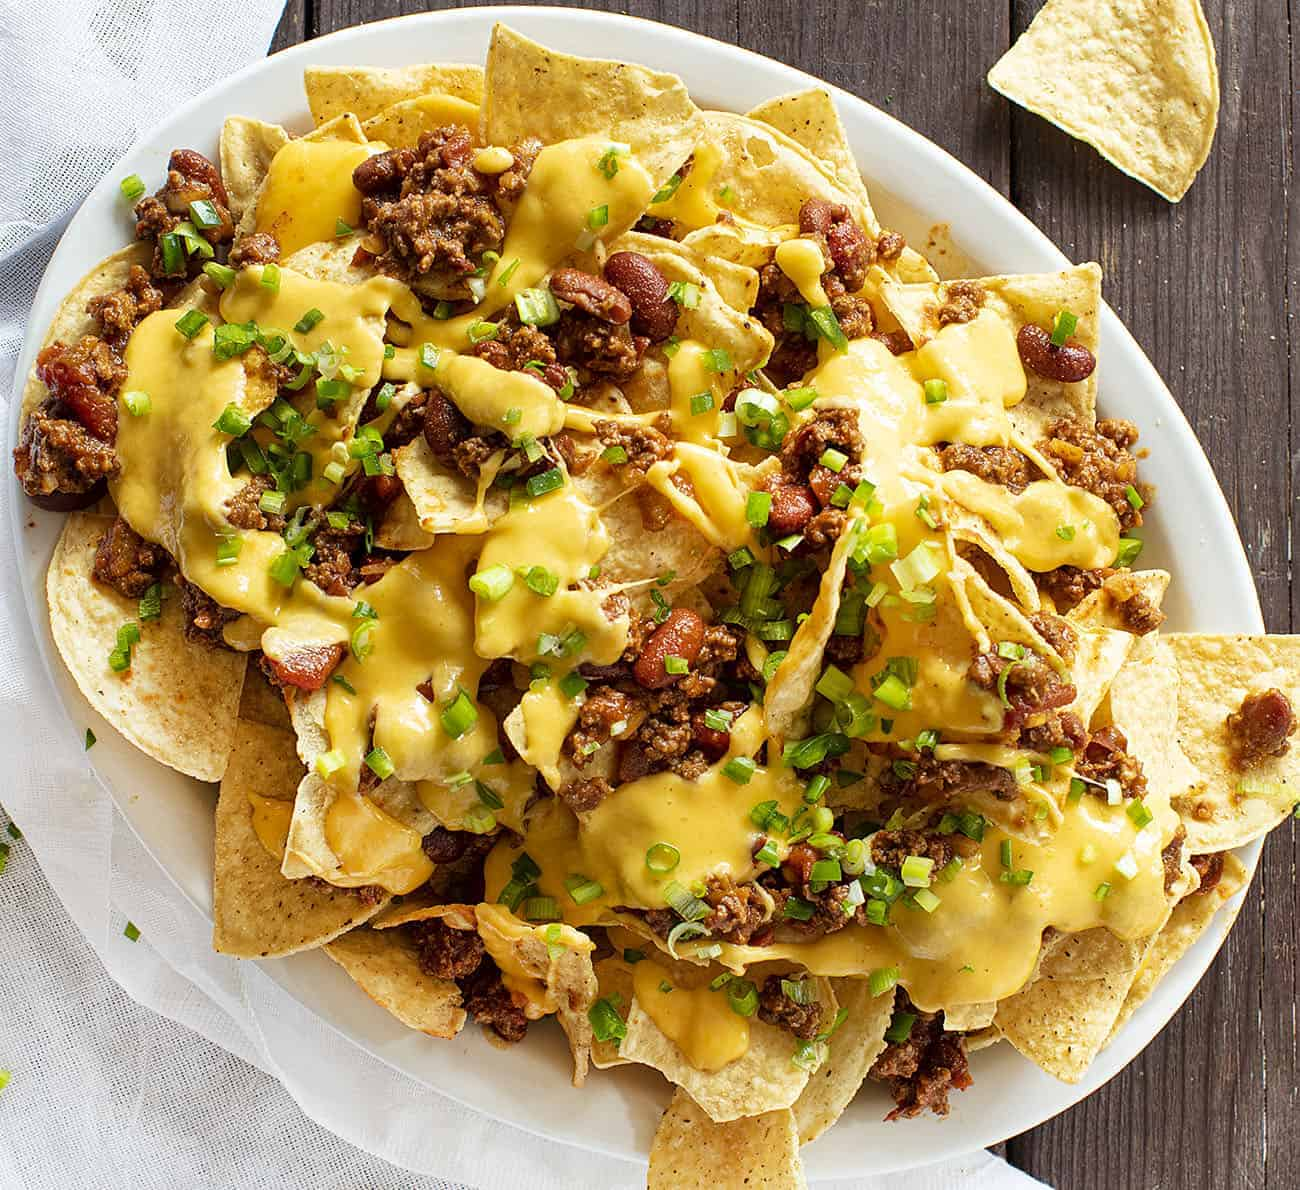 Plating Chili Cheese Nachos